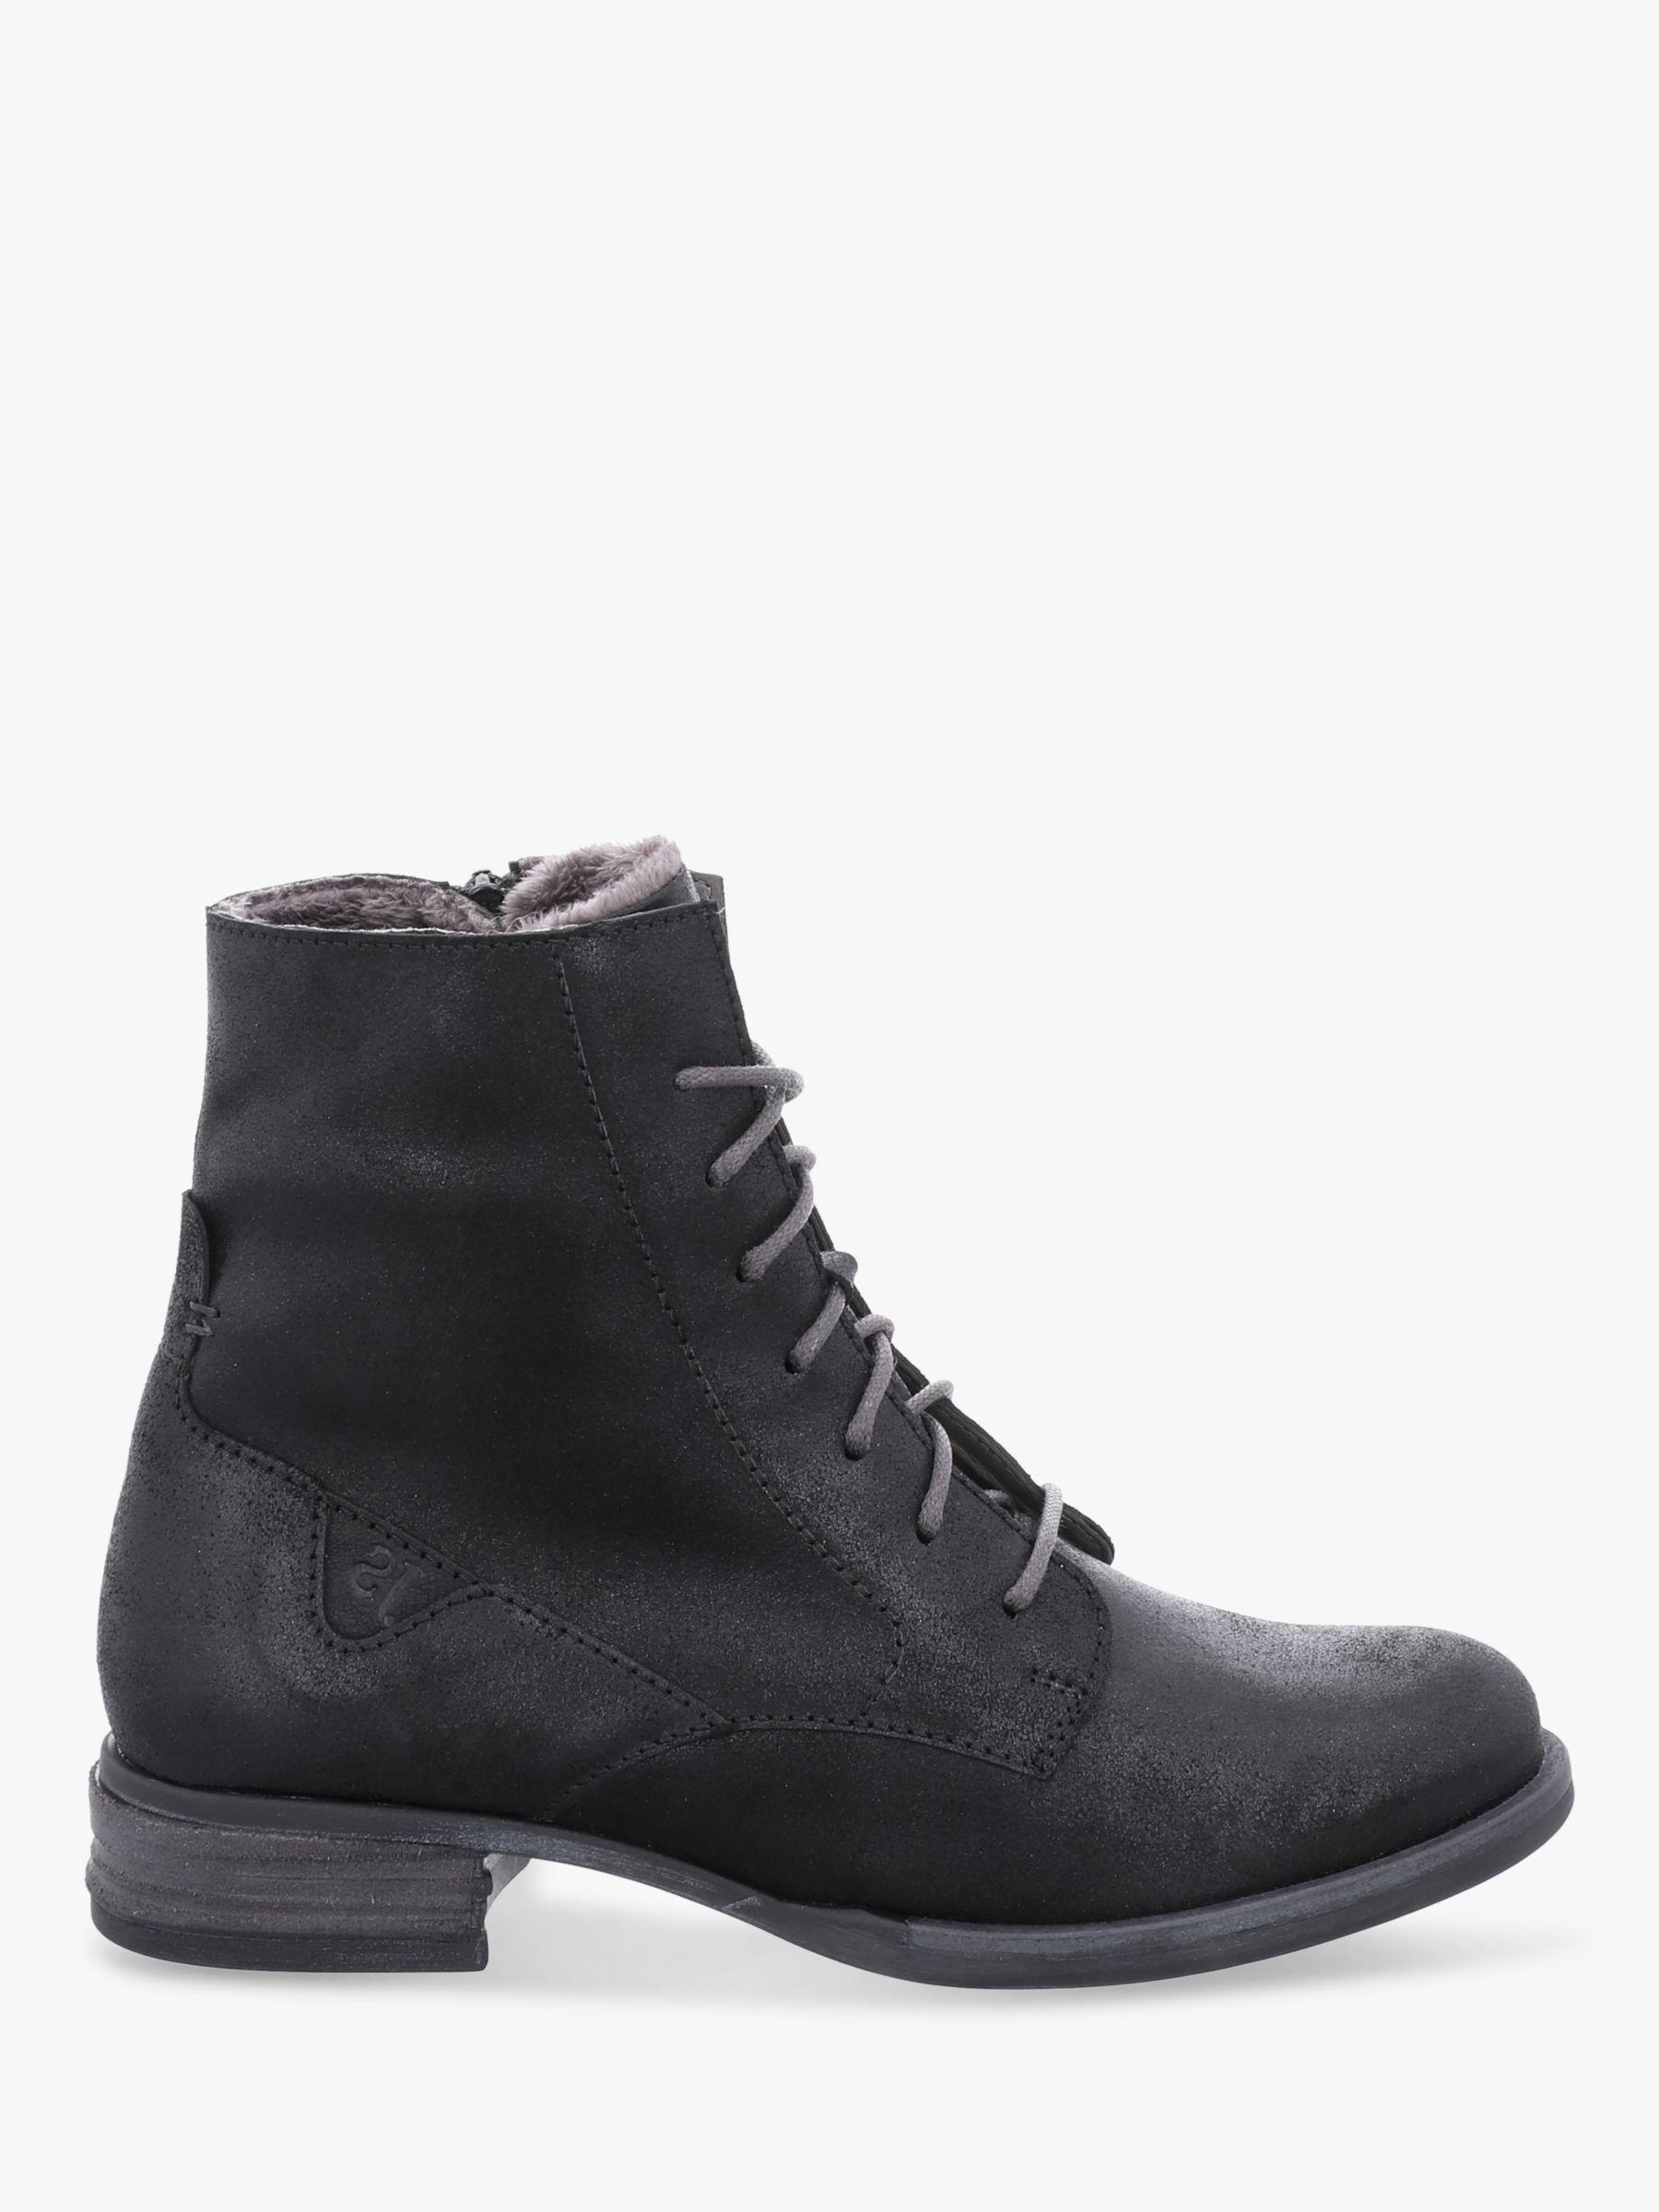 Josef Seibel Josef Seibel Sanja 1 Leather Ankle Boots